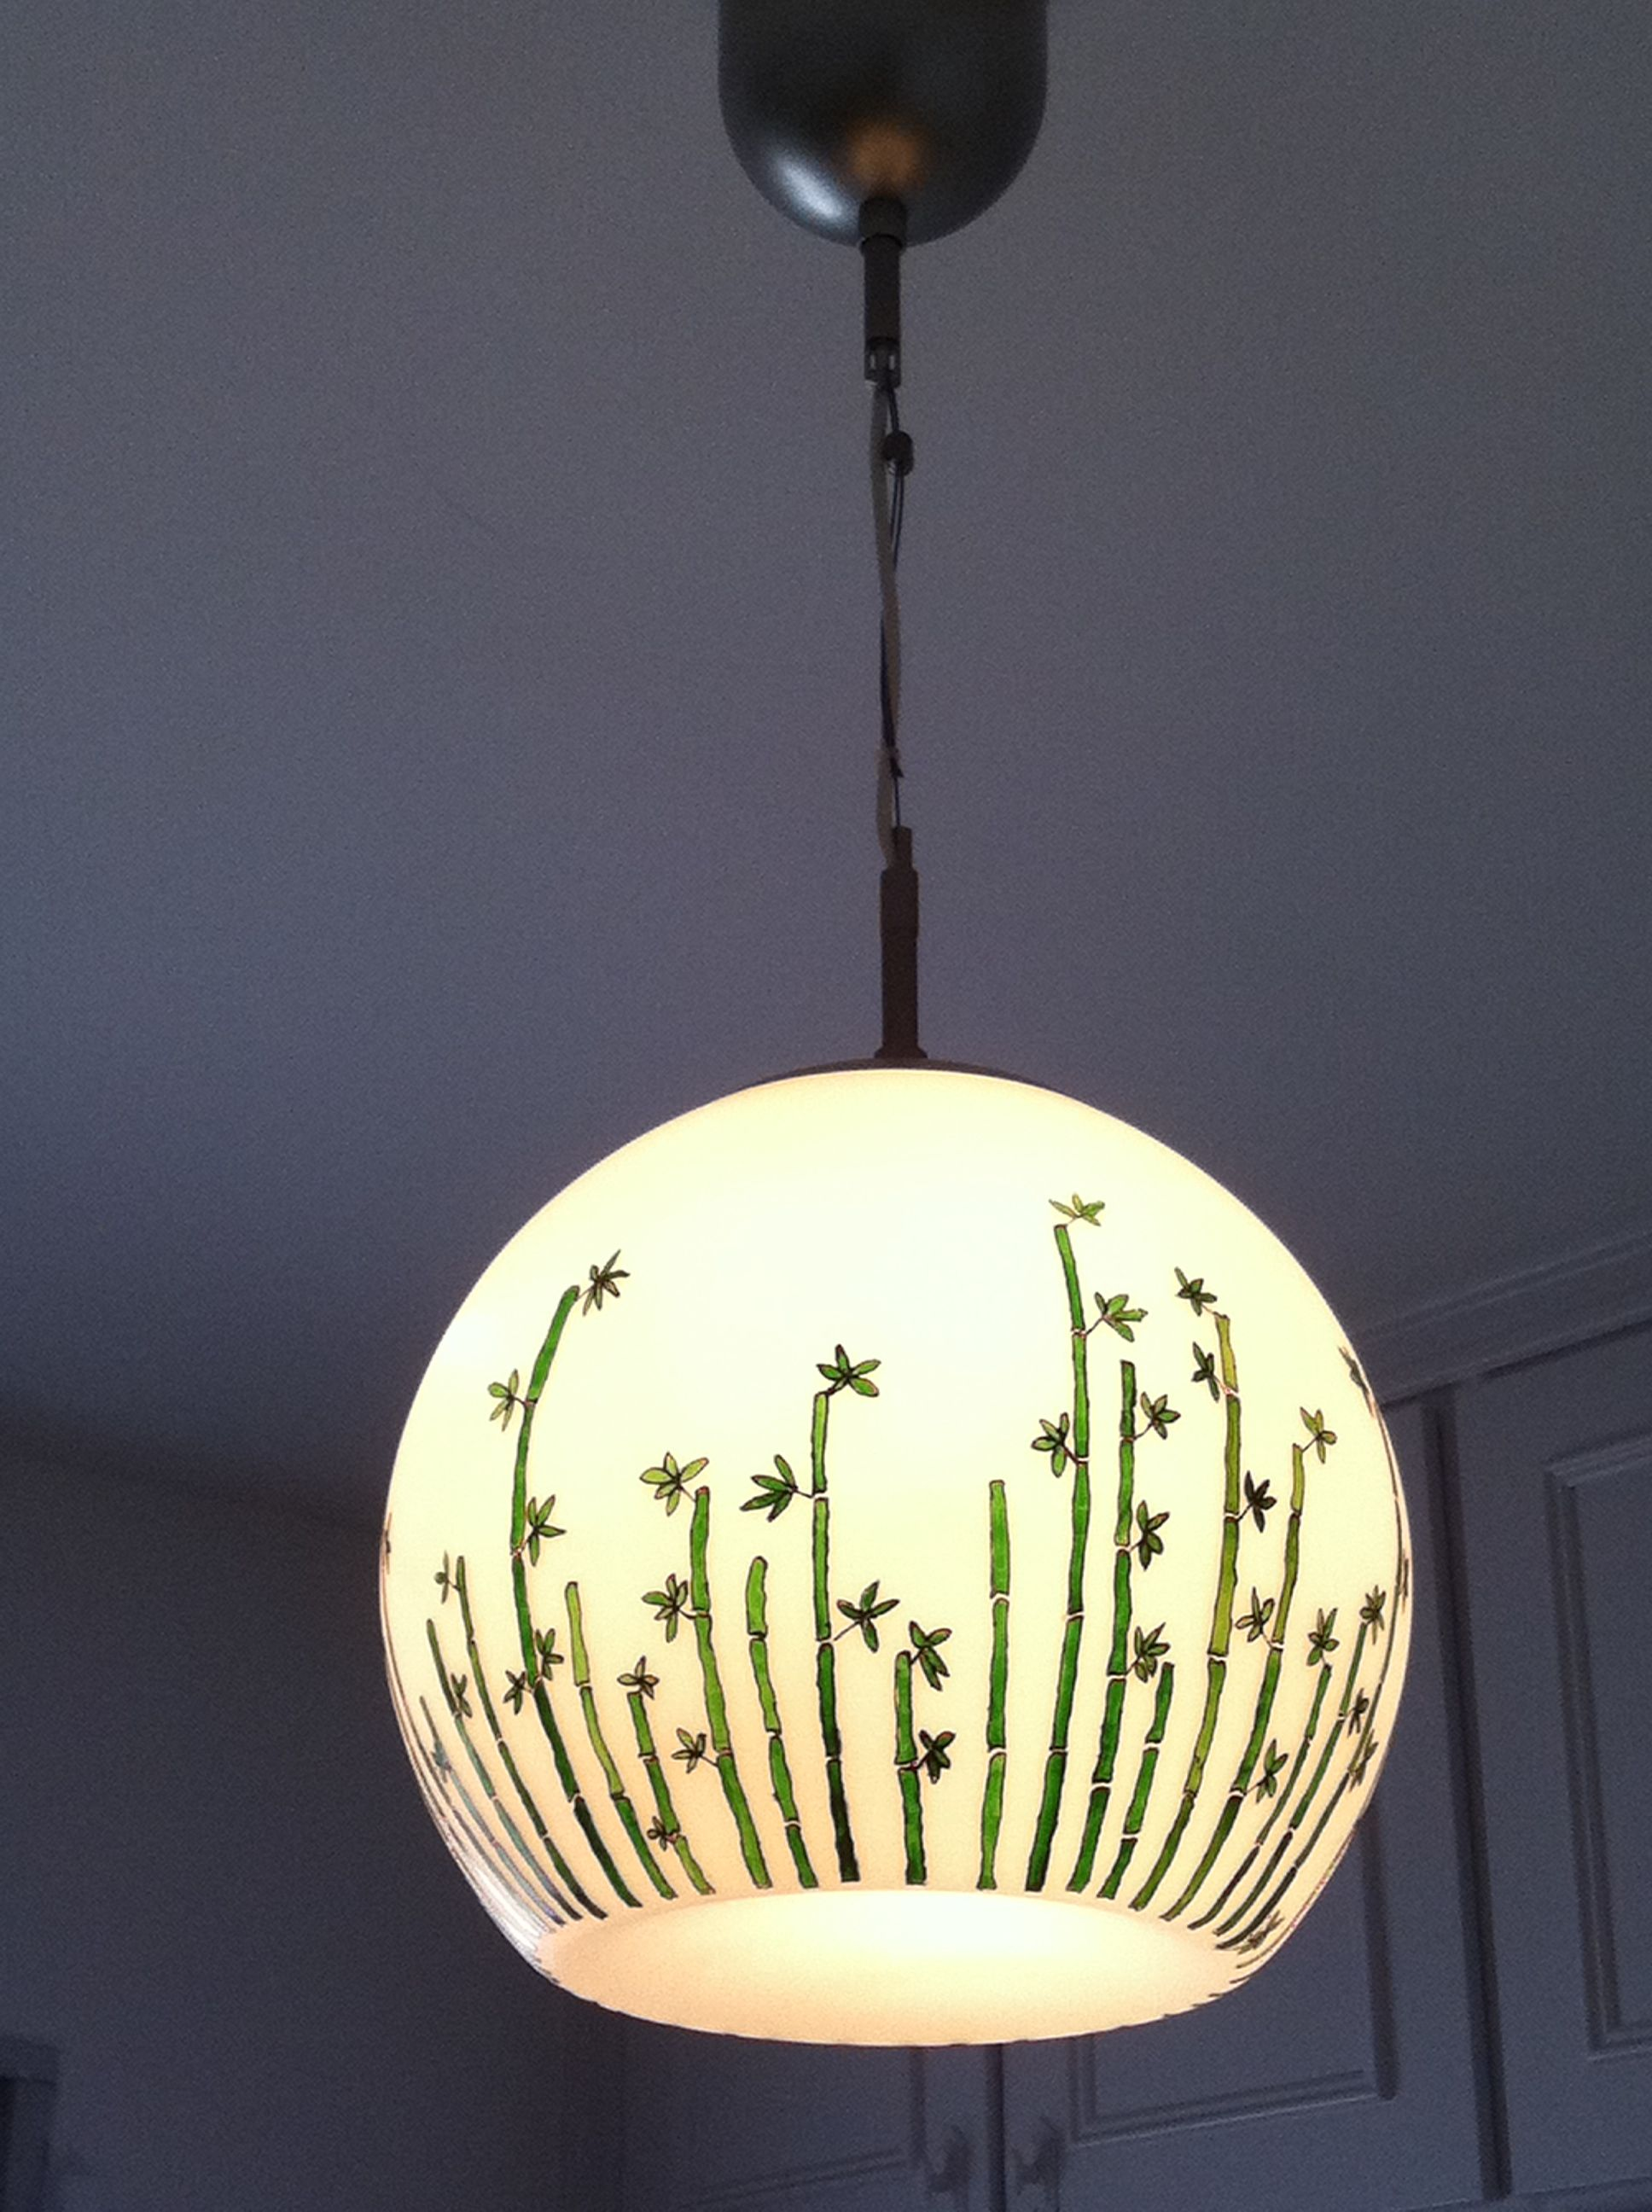 techopintado bambu diseño con de Lampara Cristal un de de hQdCrts